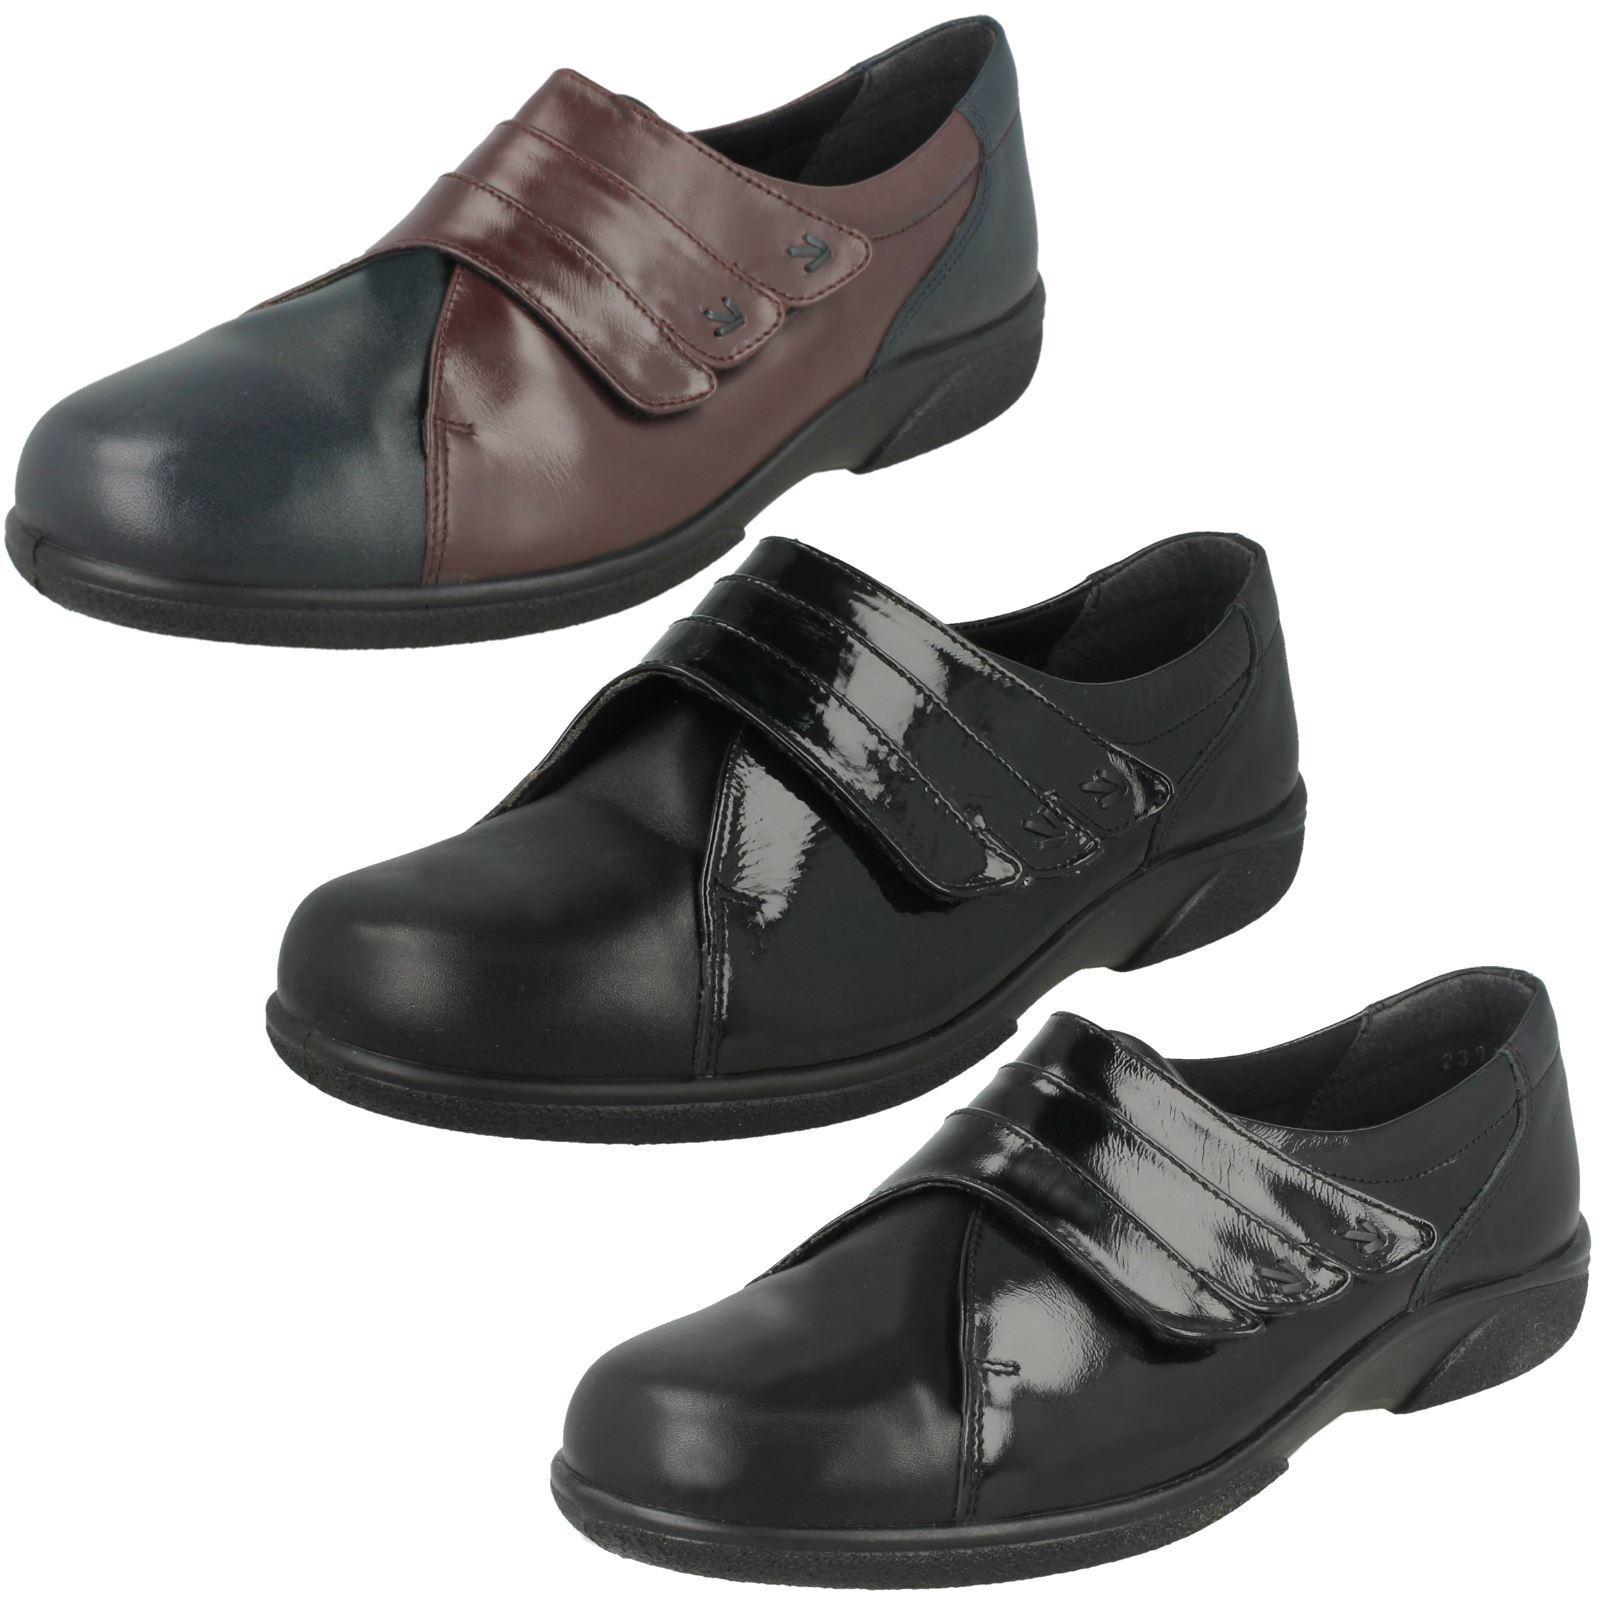 Damas Zapatos planos de montaje montaje montaje fácil de Ancho B 'Bakewell'  de moda